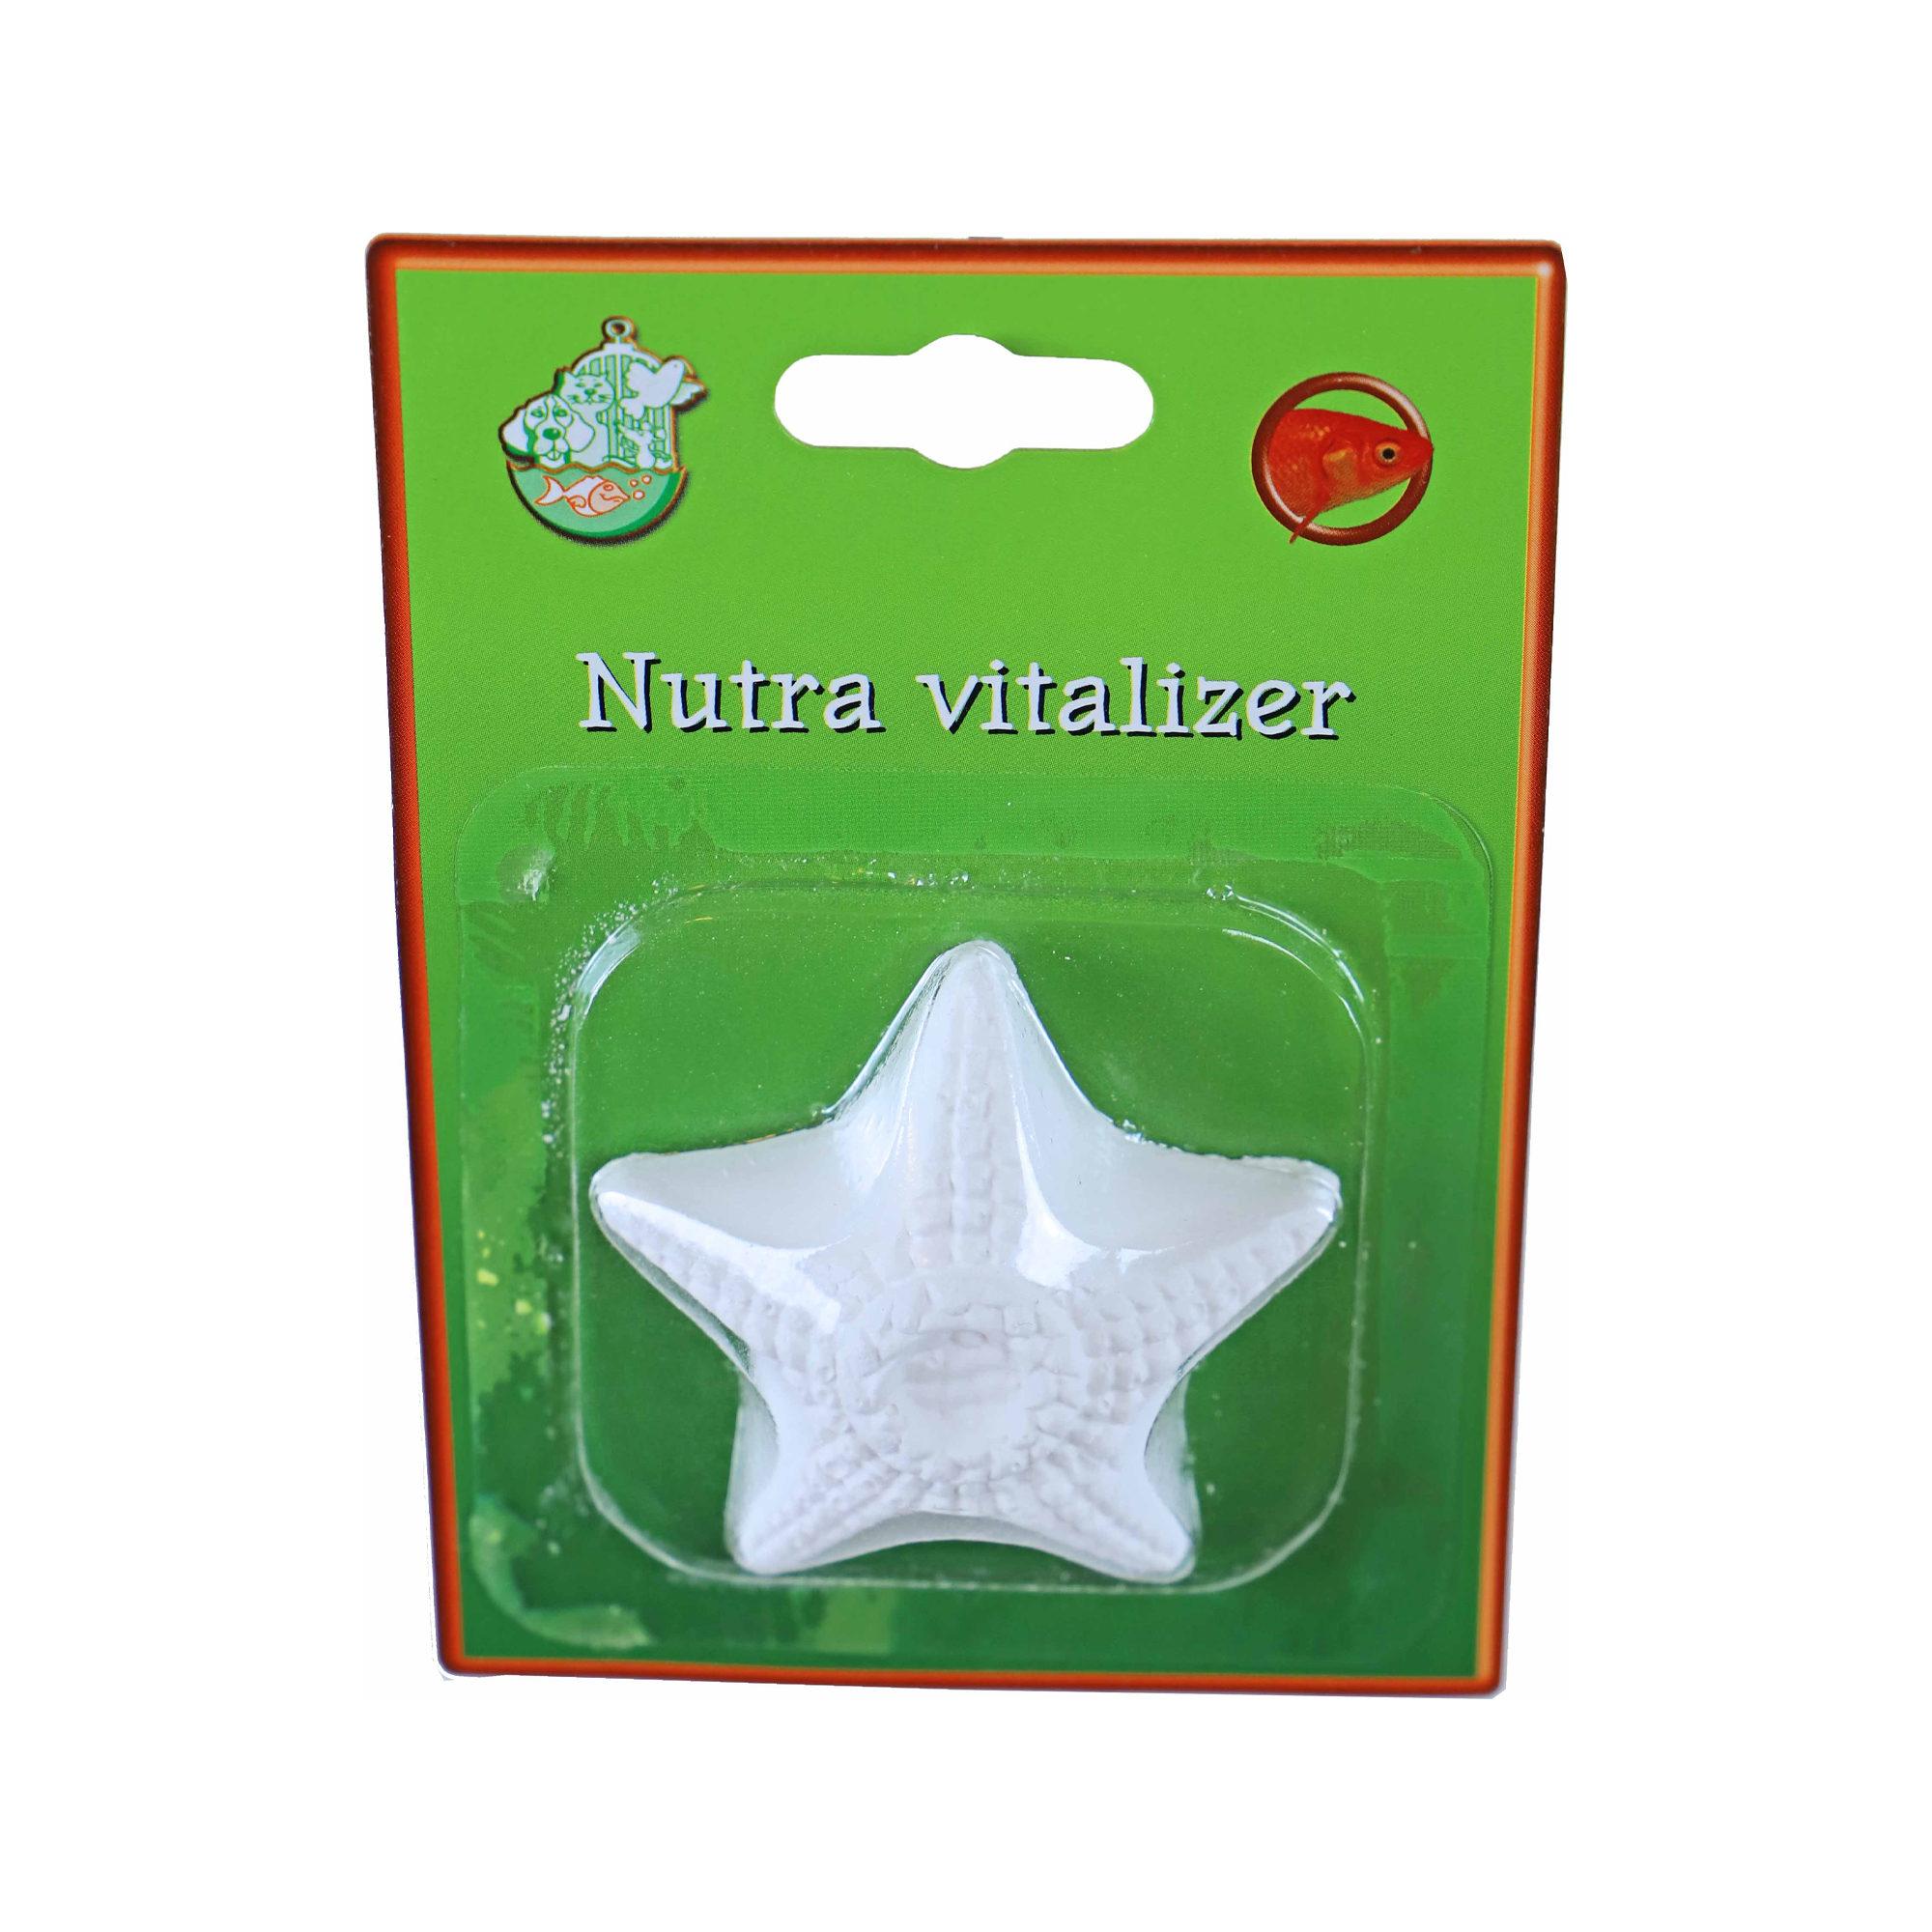 Boon Nutra Vitalizer Sauerstoffstein